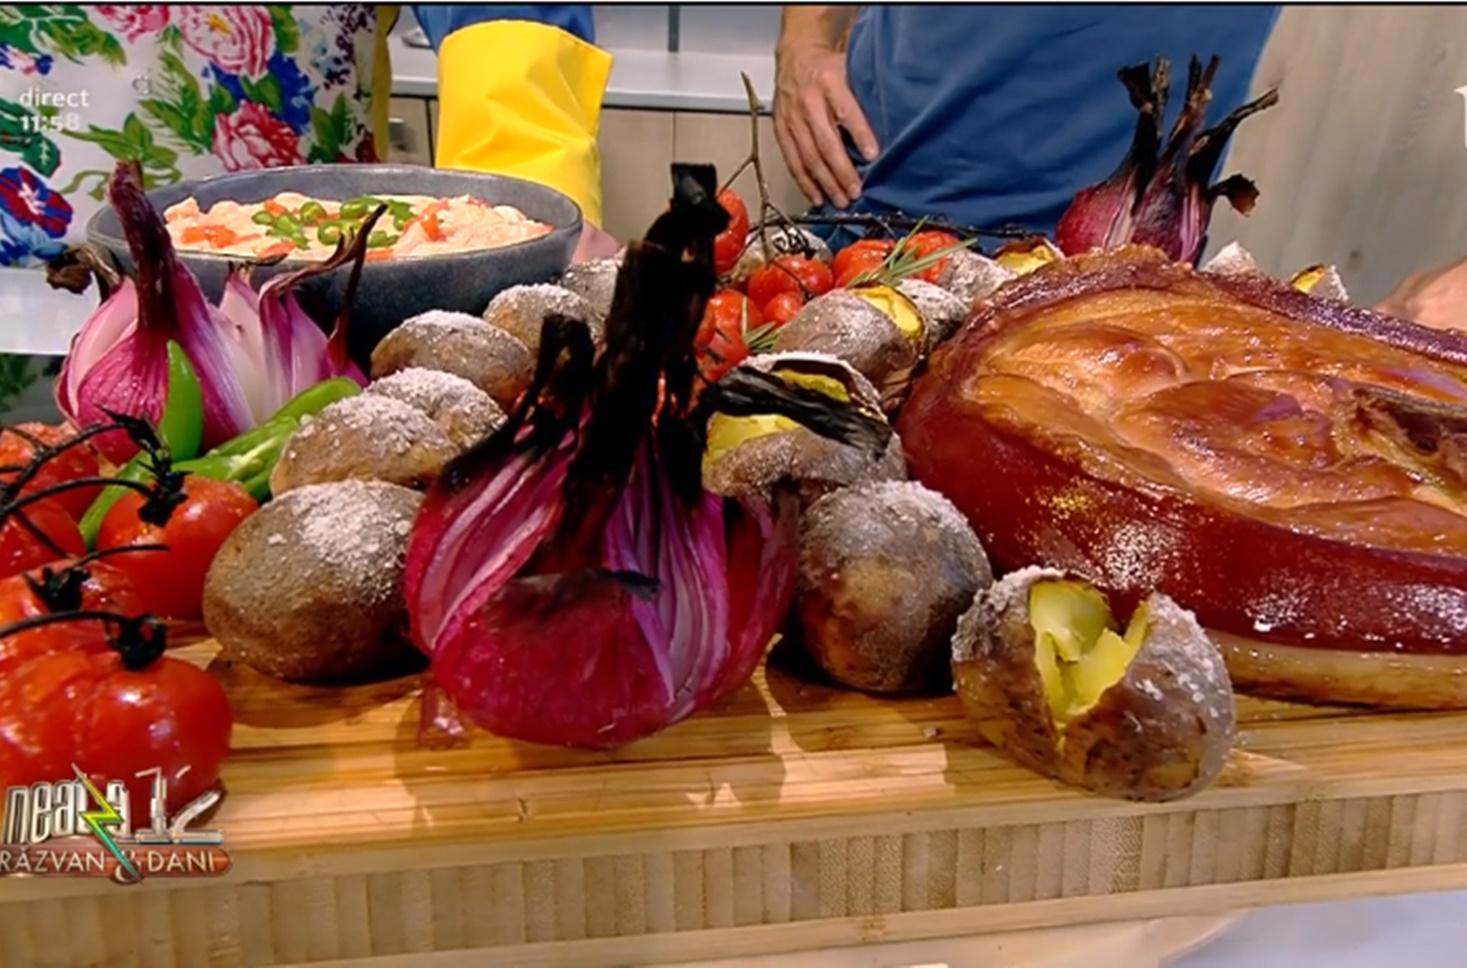 Jambon cu legume coapte și sos cremos cu roșii și usturoi. Rețeta lui Vlăduț